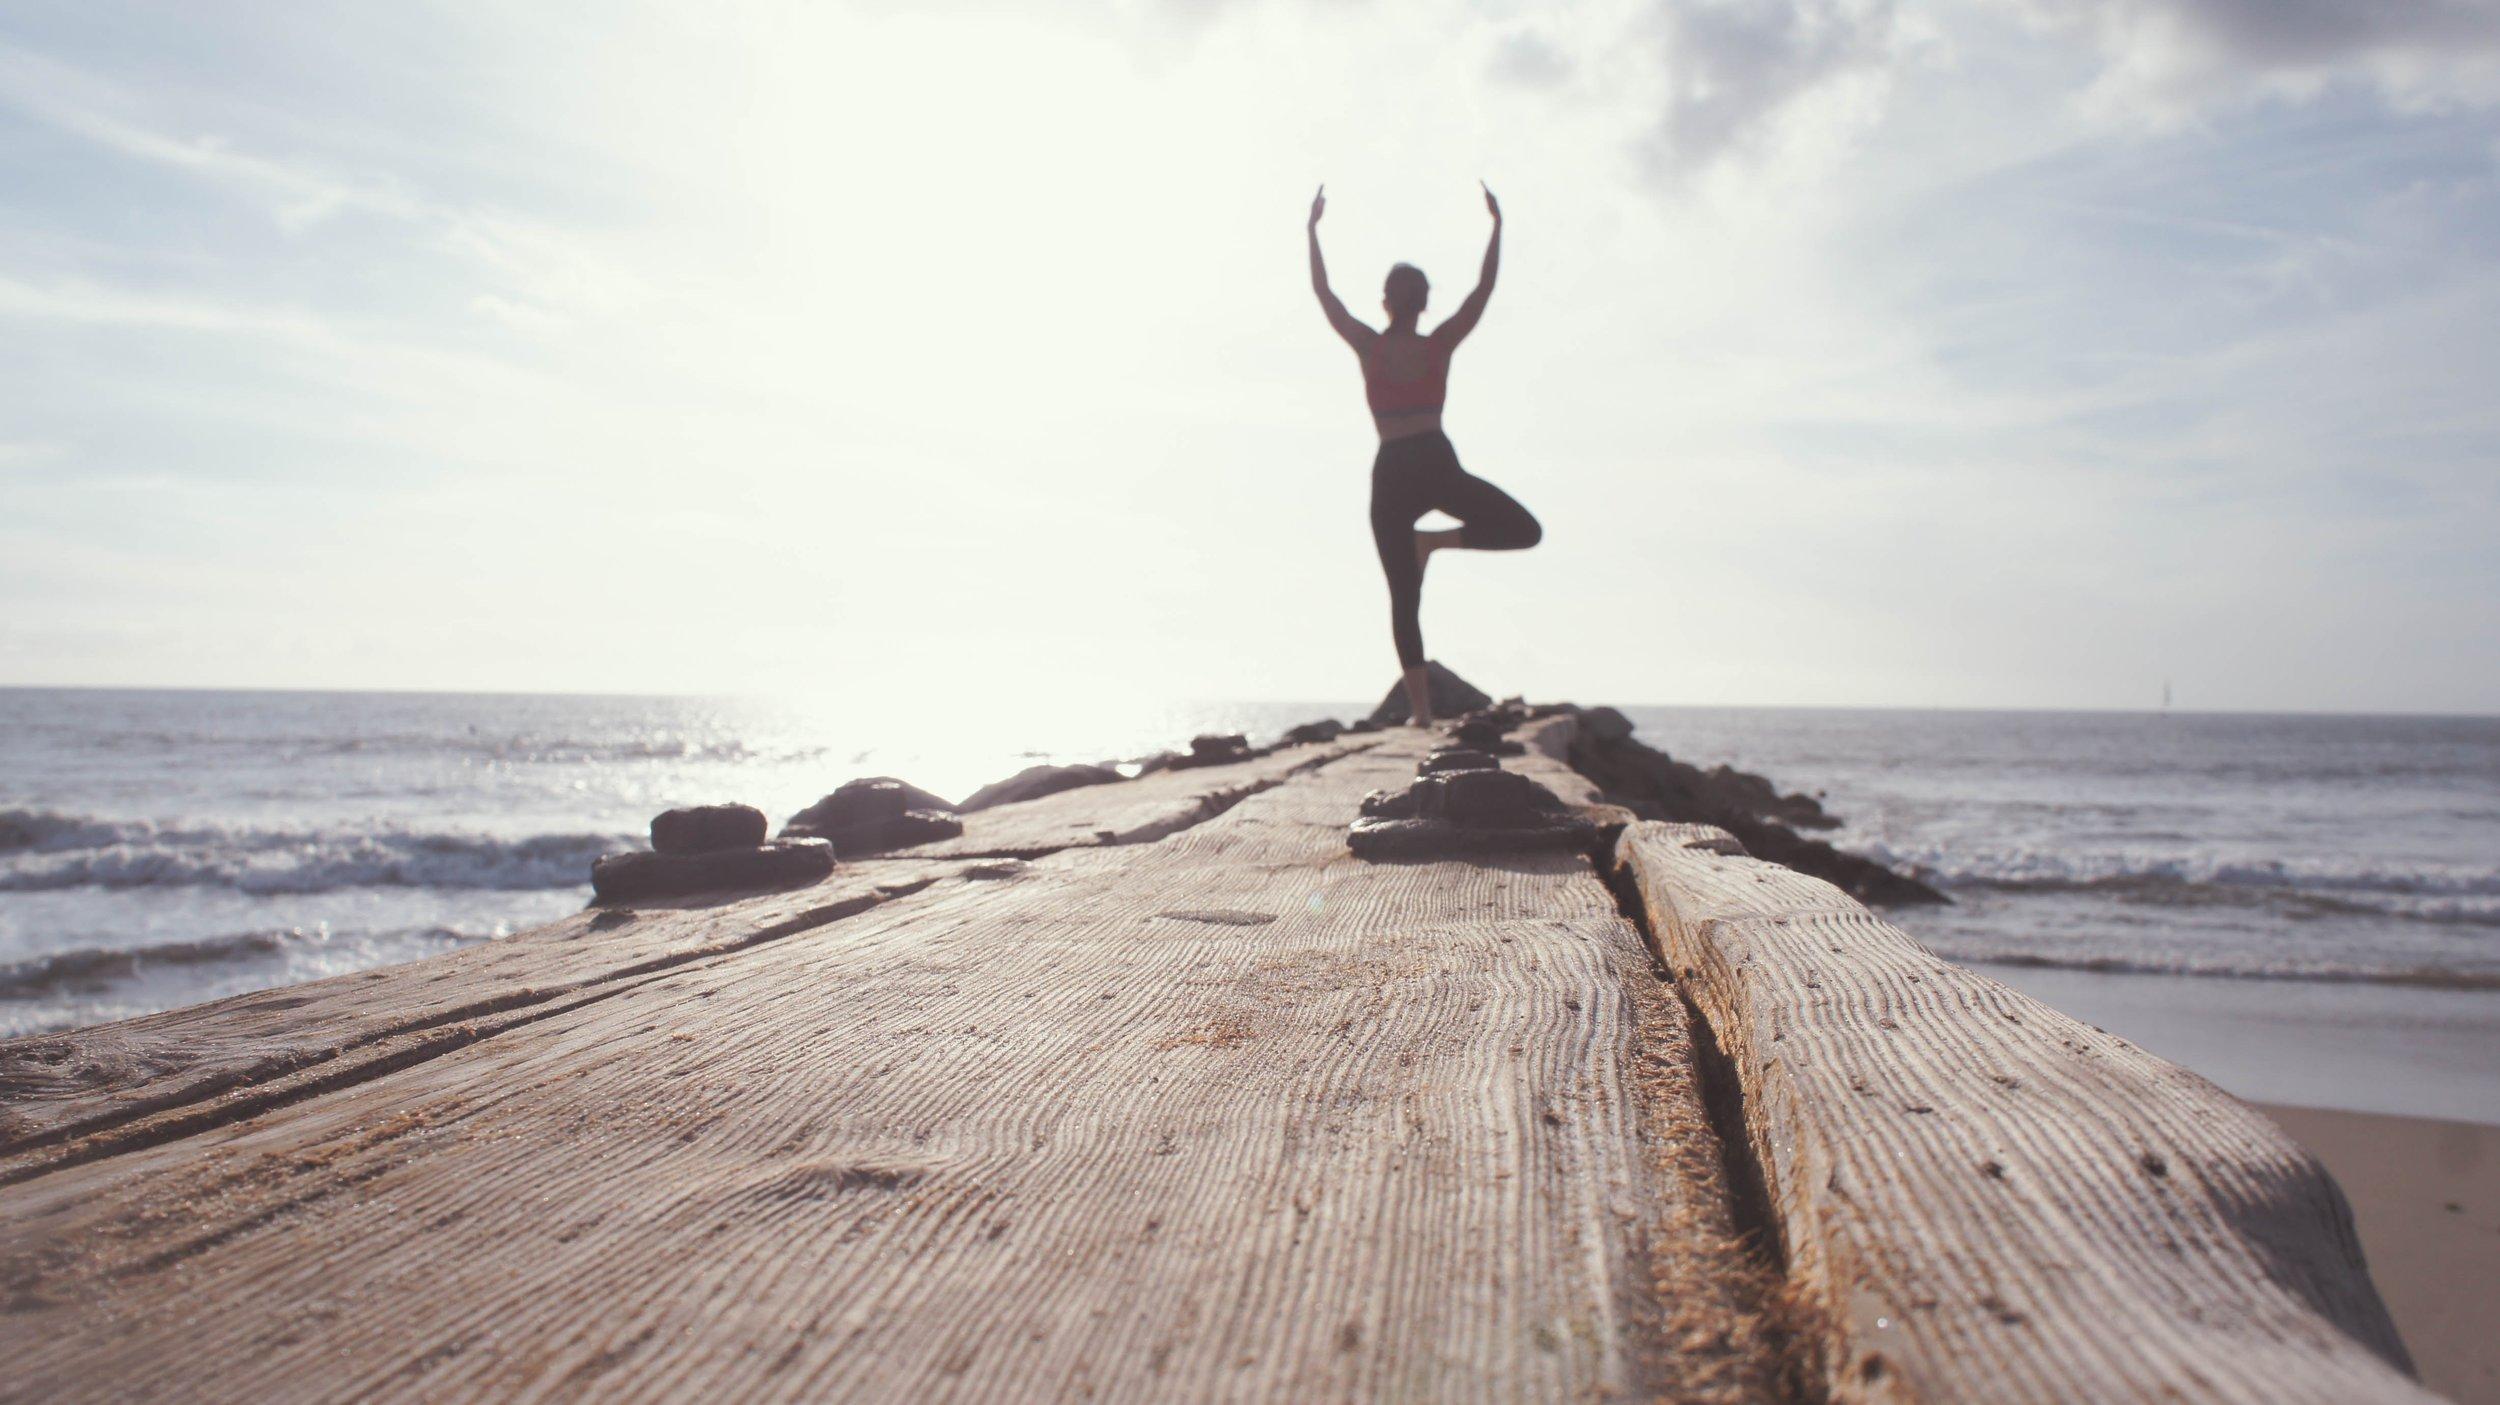 sarah-lewis-coaching-wellness-unsplash